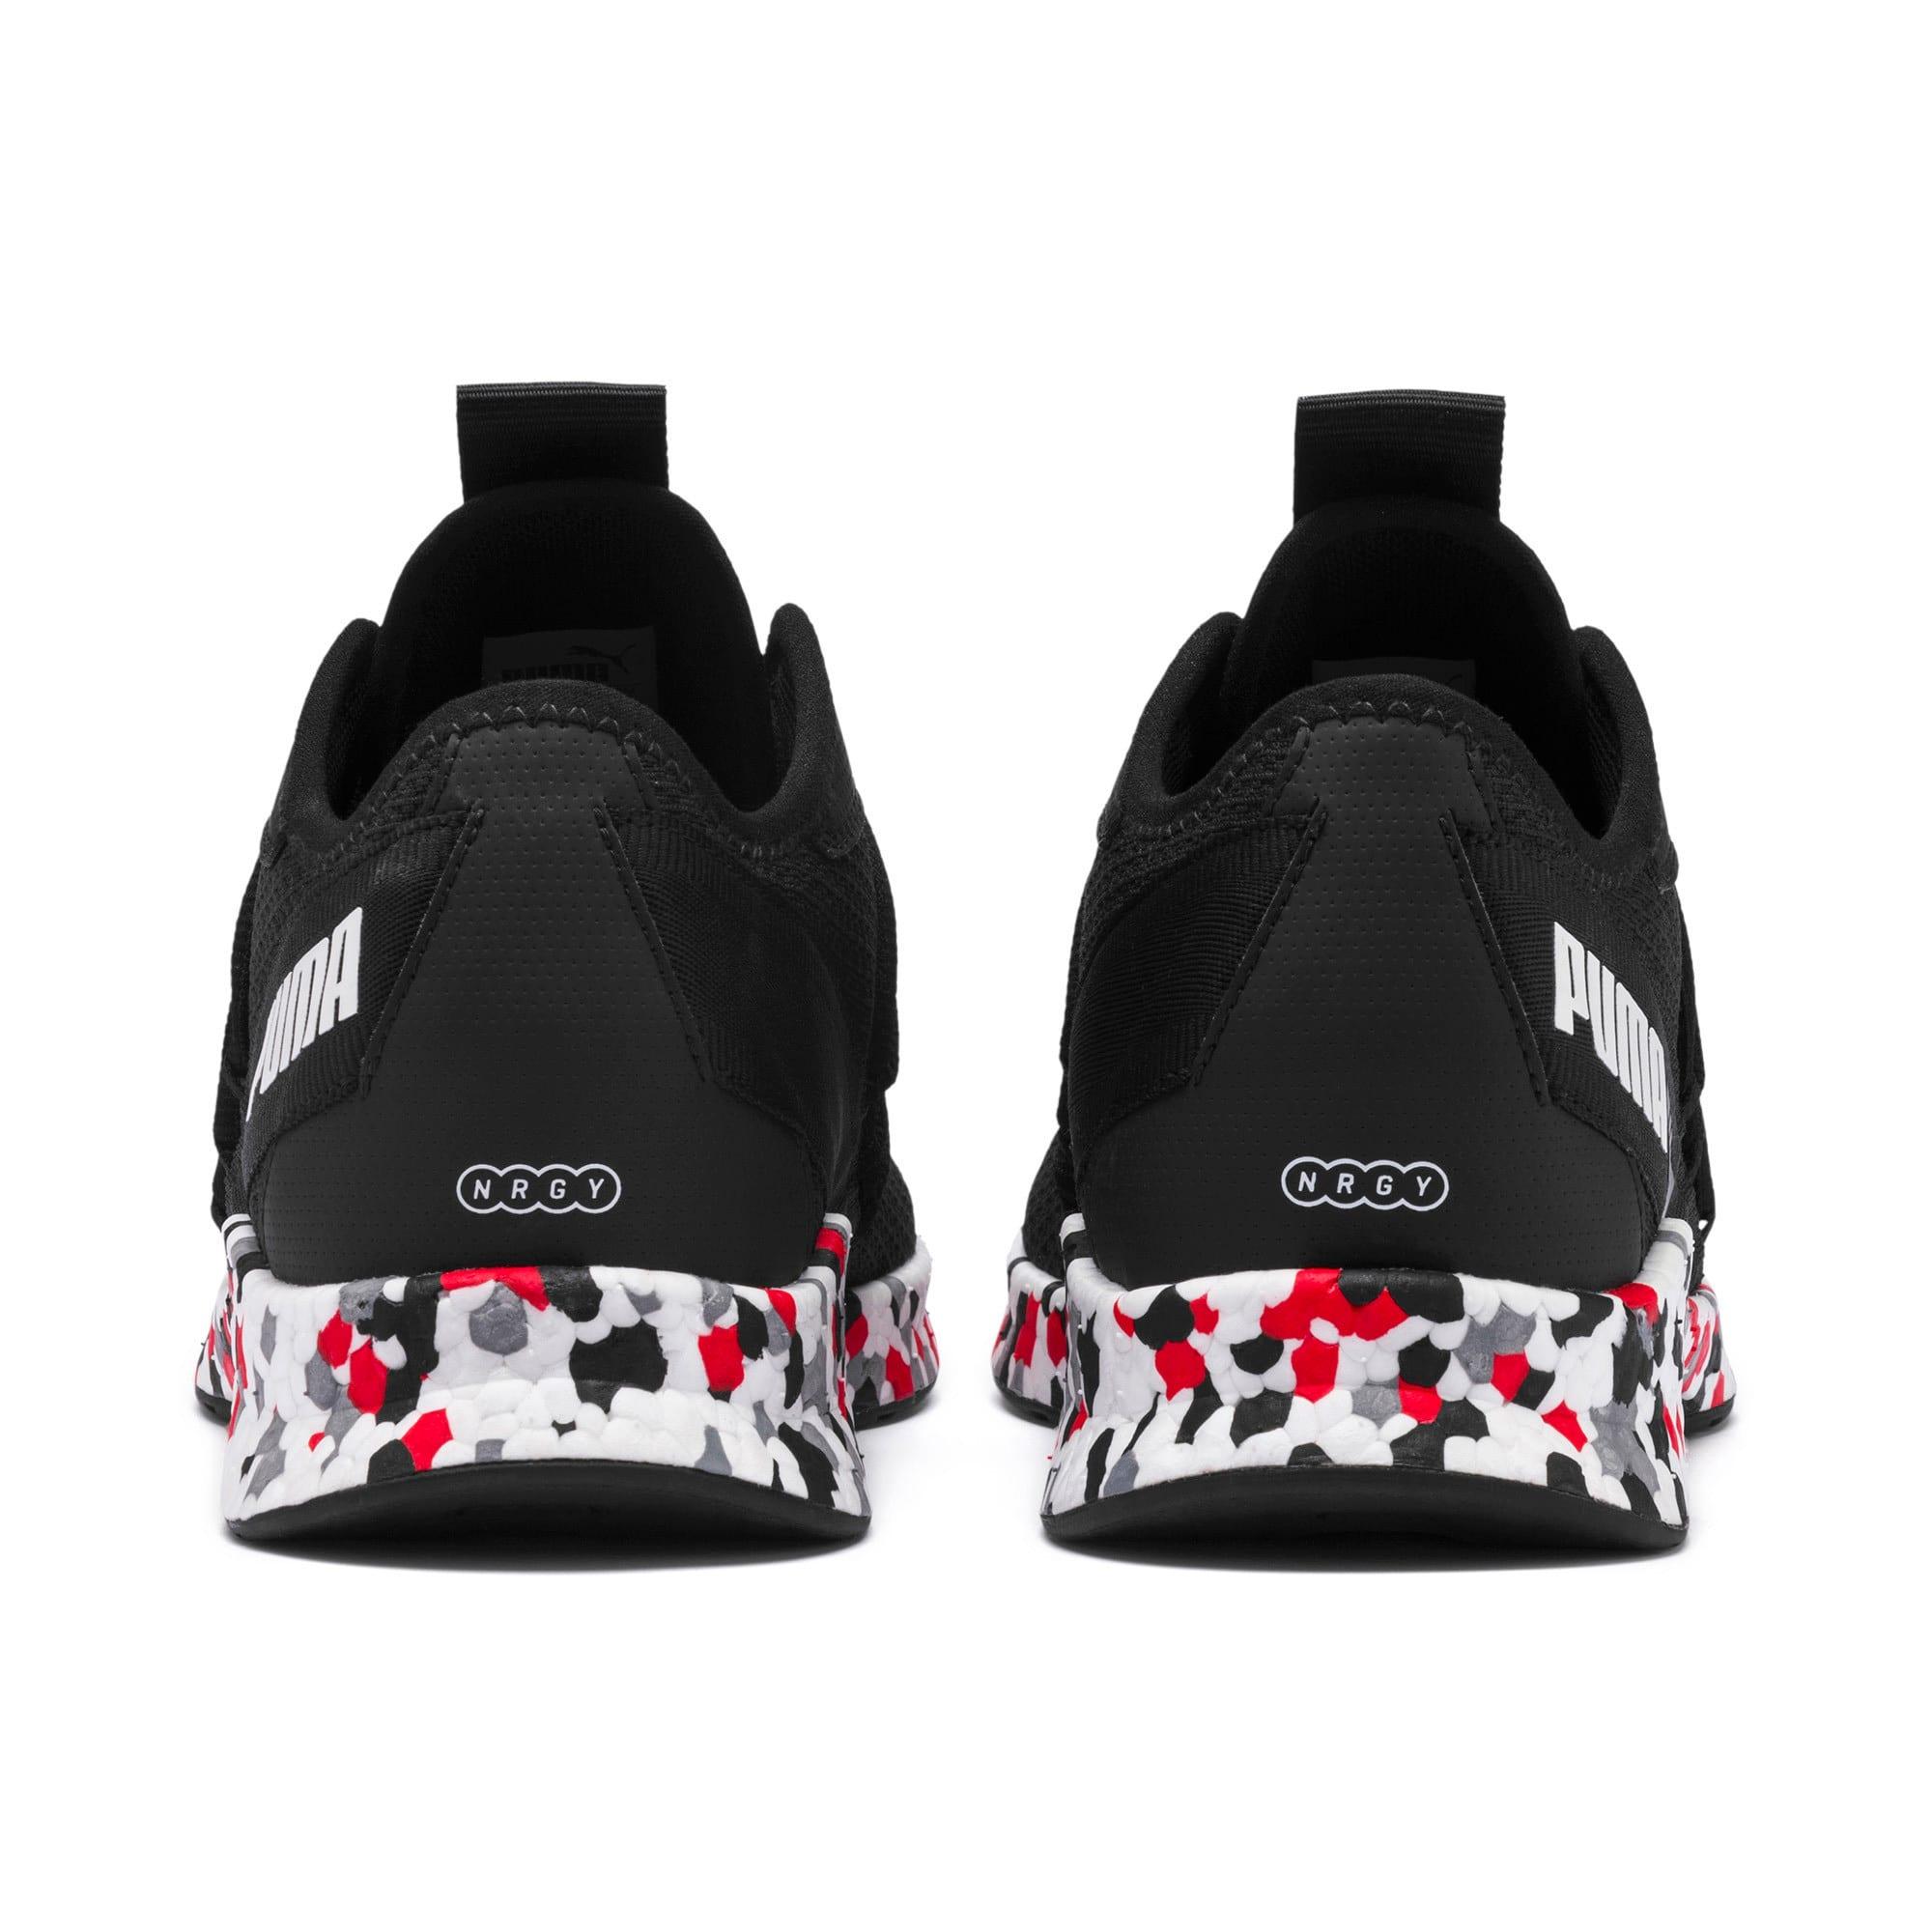 Thumbnail 4 of NRGY Star Multi Running Shoes, Black-White-Red, medium